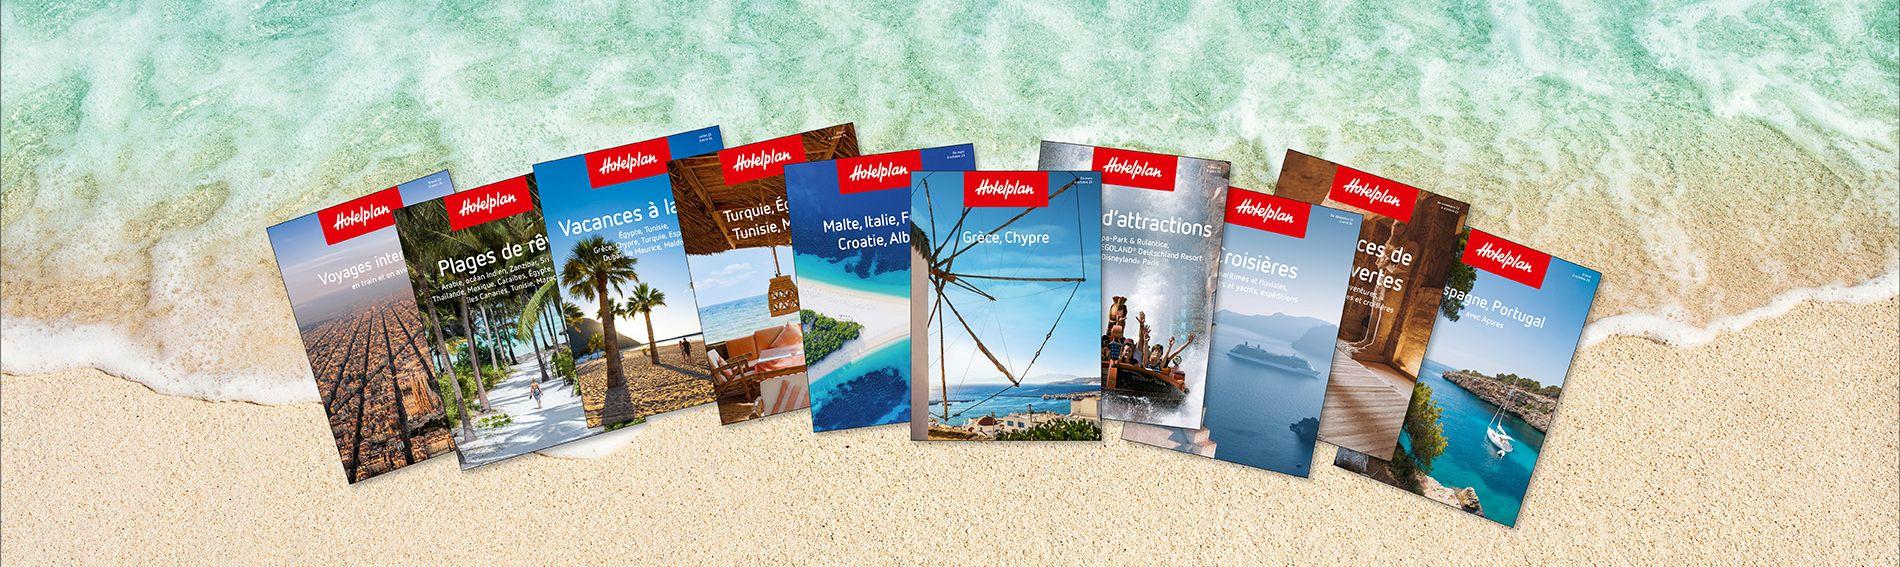 Brochures de vacances d'Hotelplan